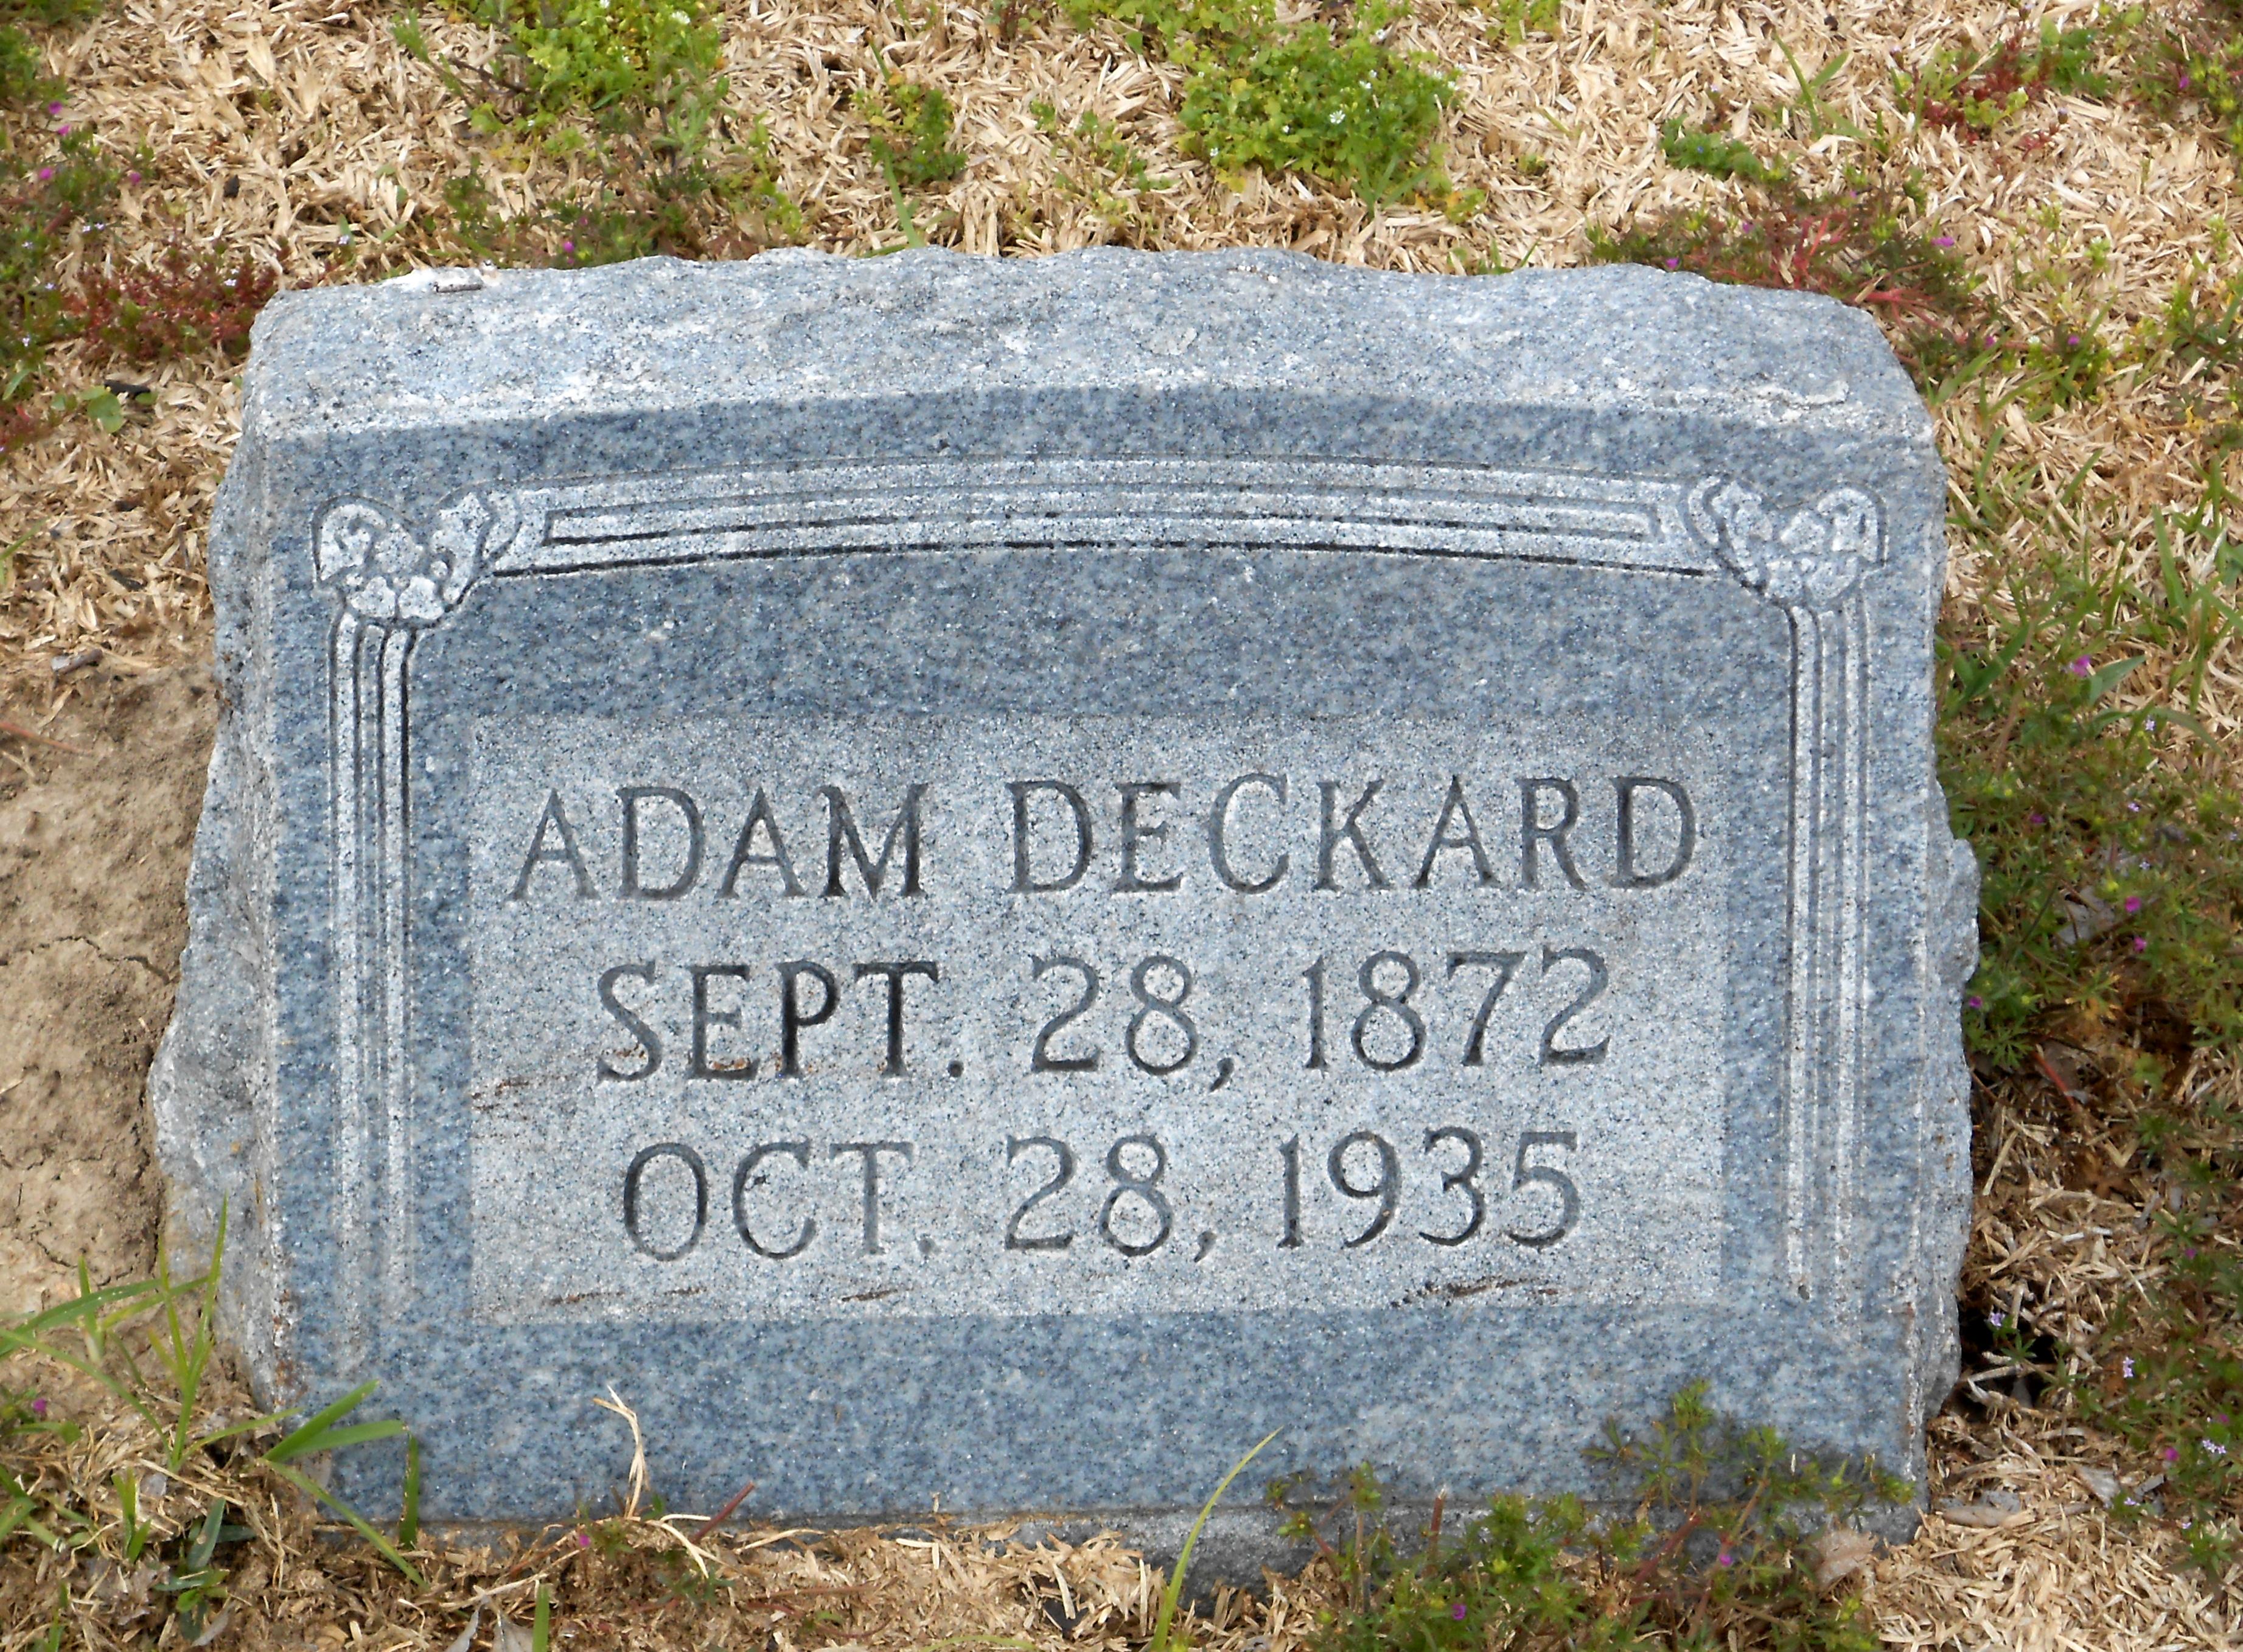 Adam Deckard